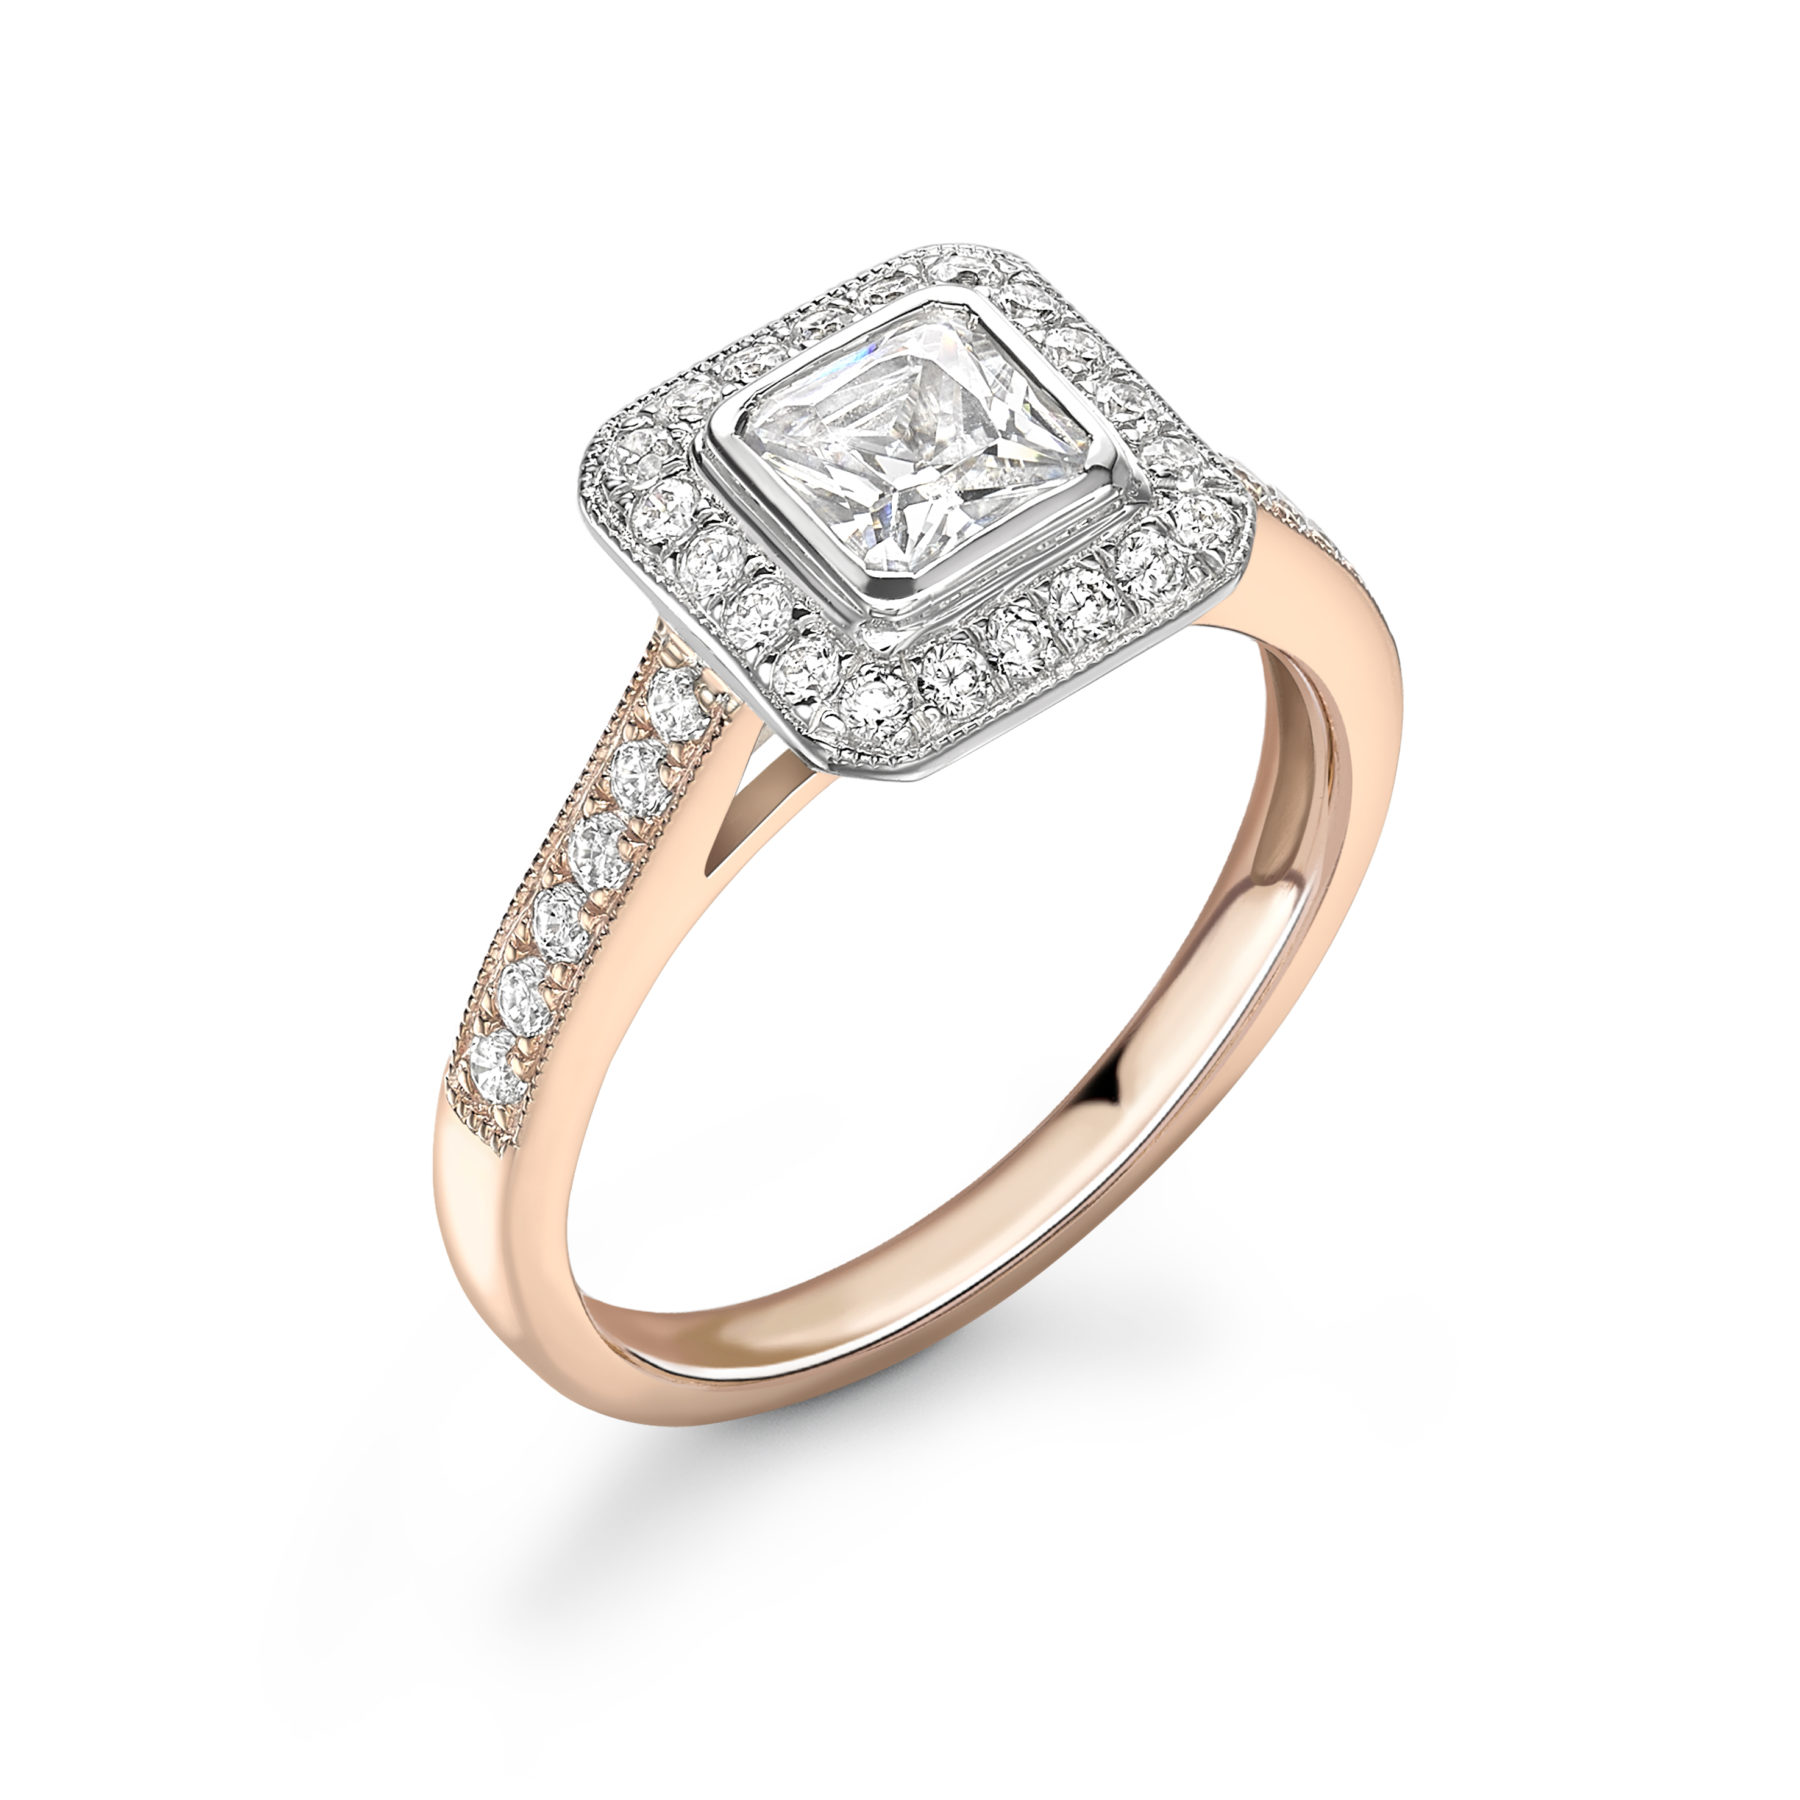 Paloma-ring